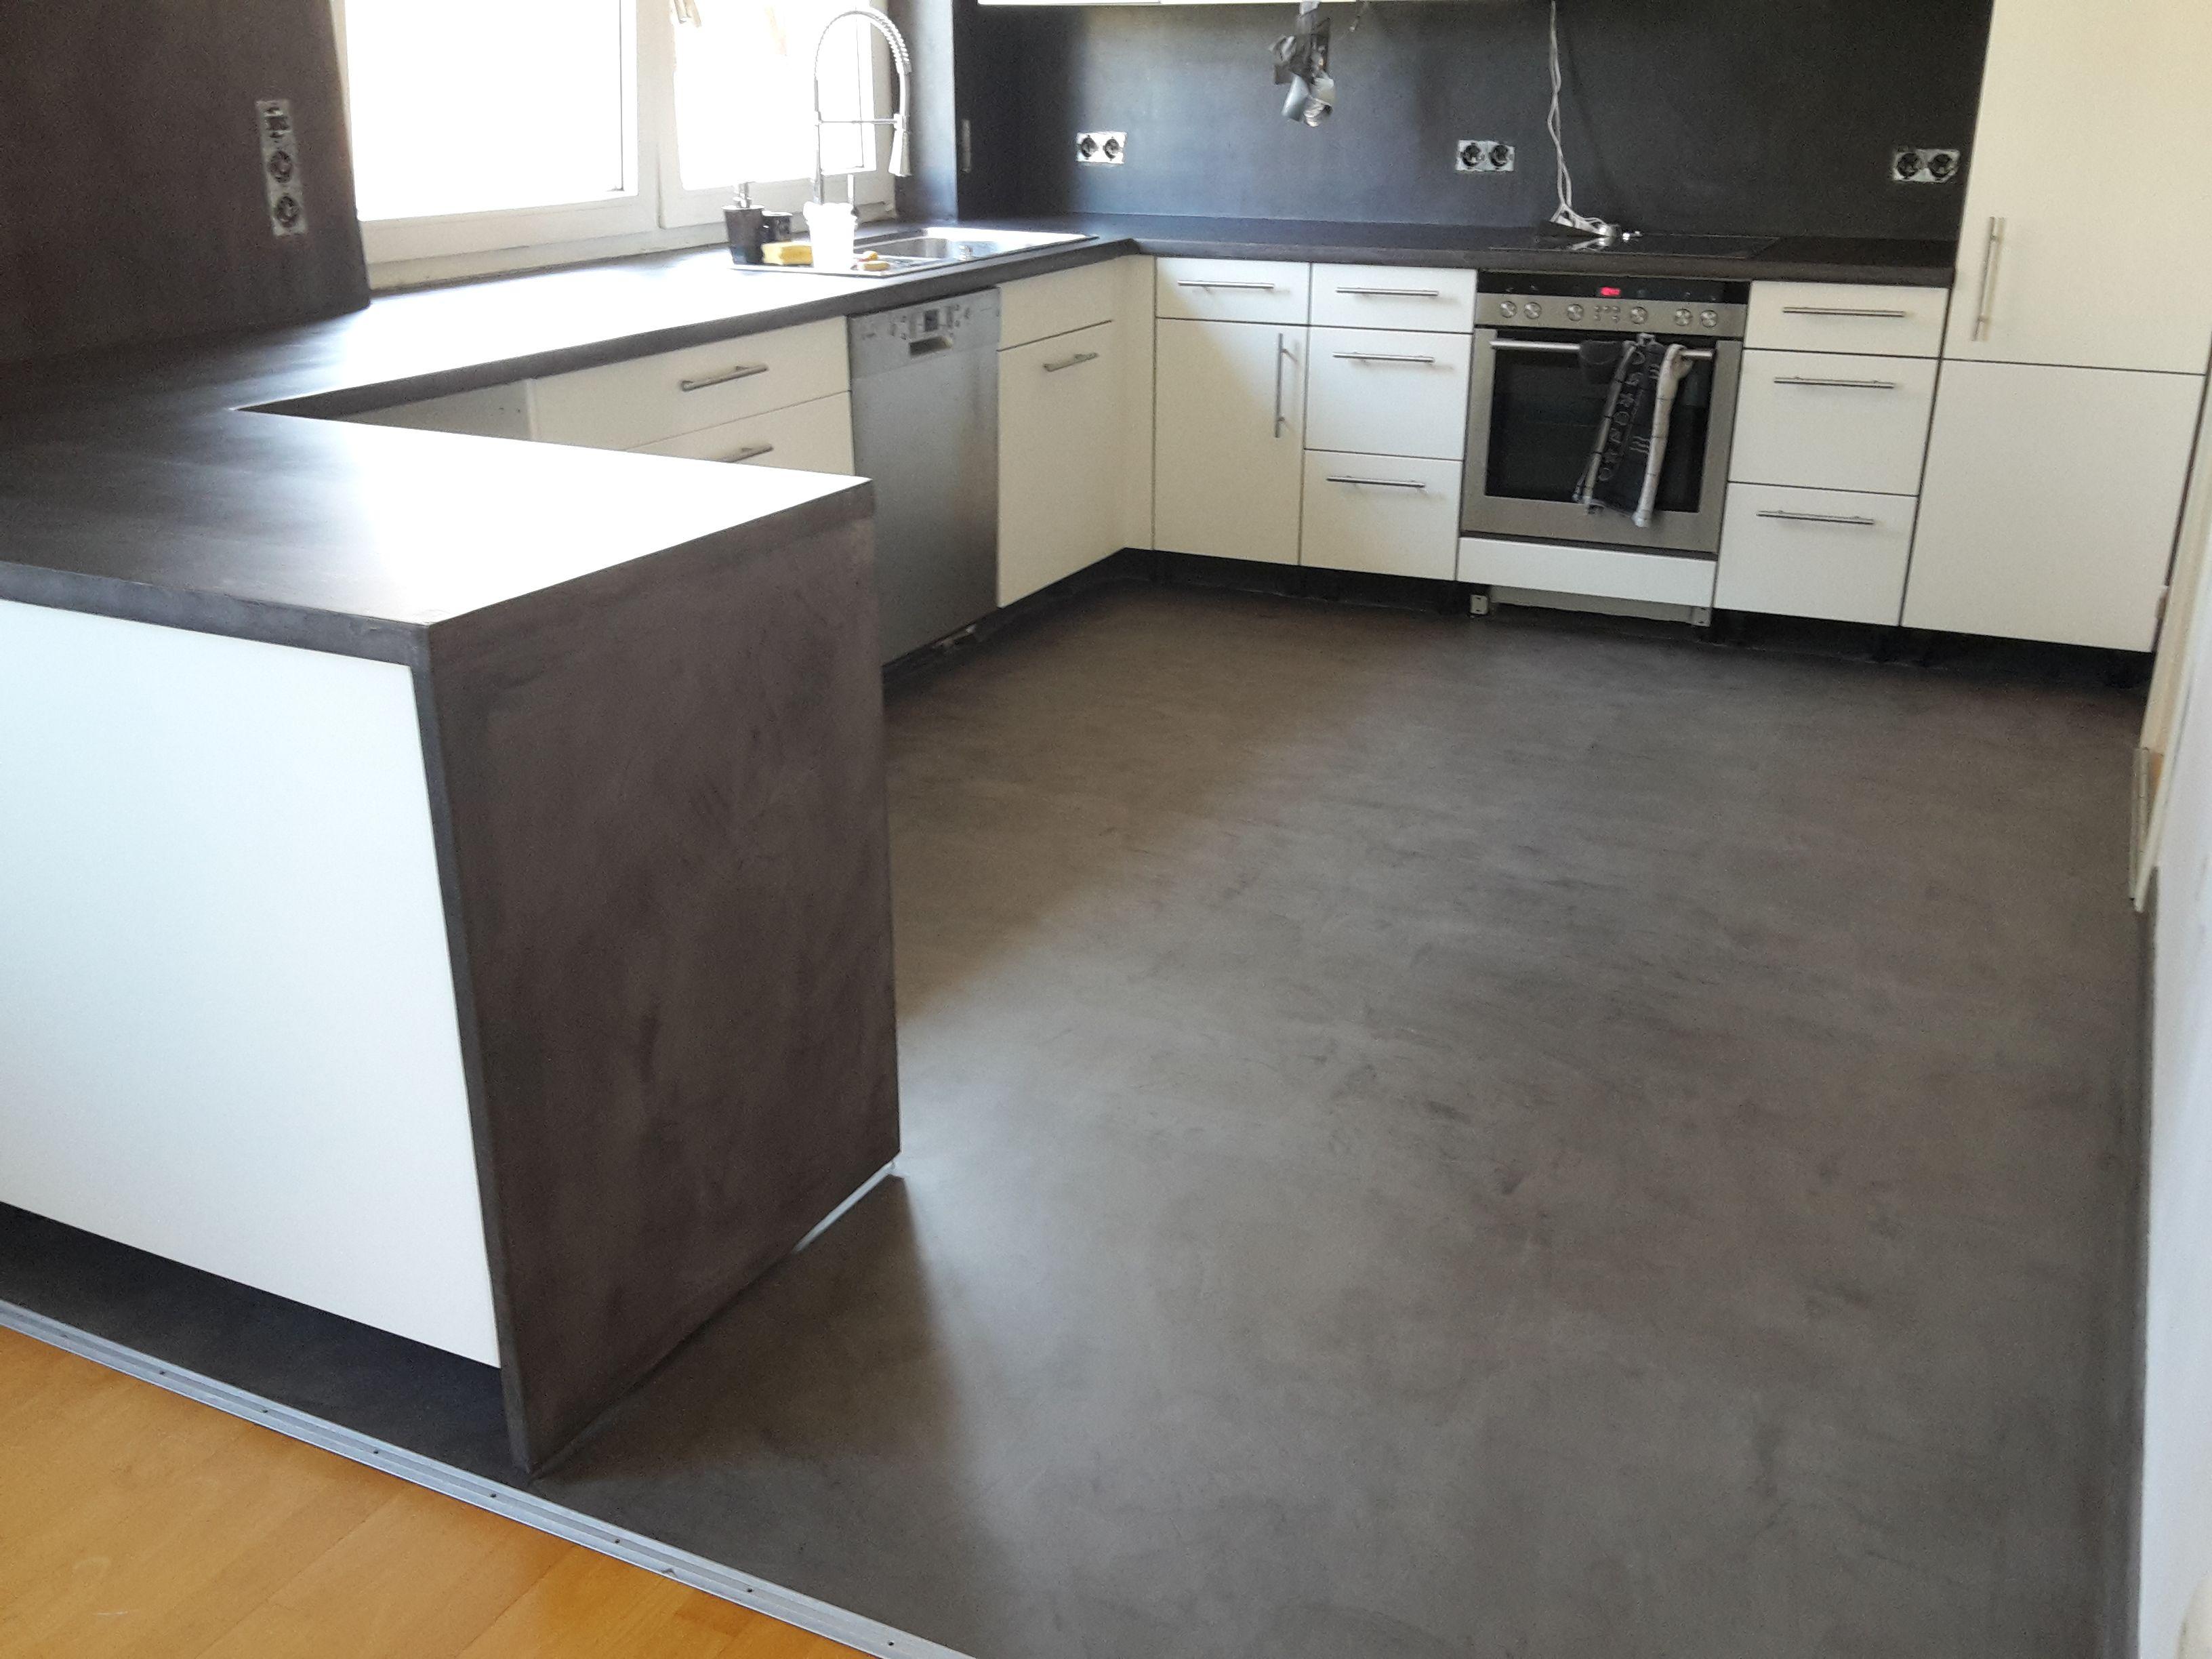 Beton Cire Beschichtung Auf Alte Fliesen Boden Und Wand Und Resopal Arbeitsplatte Bodengestaltung Kuche Renovieren Kuche Kaufen